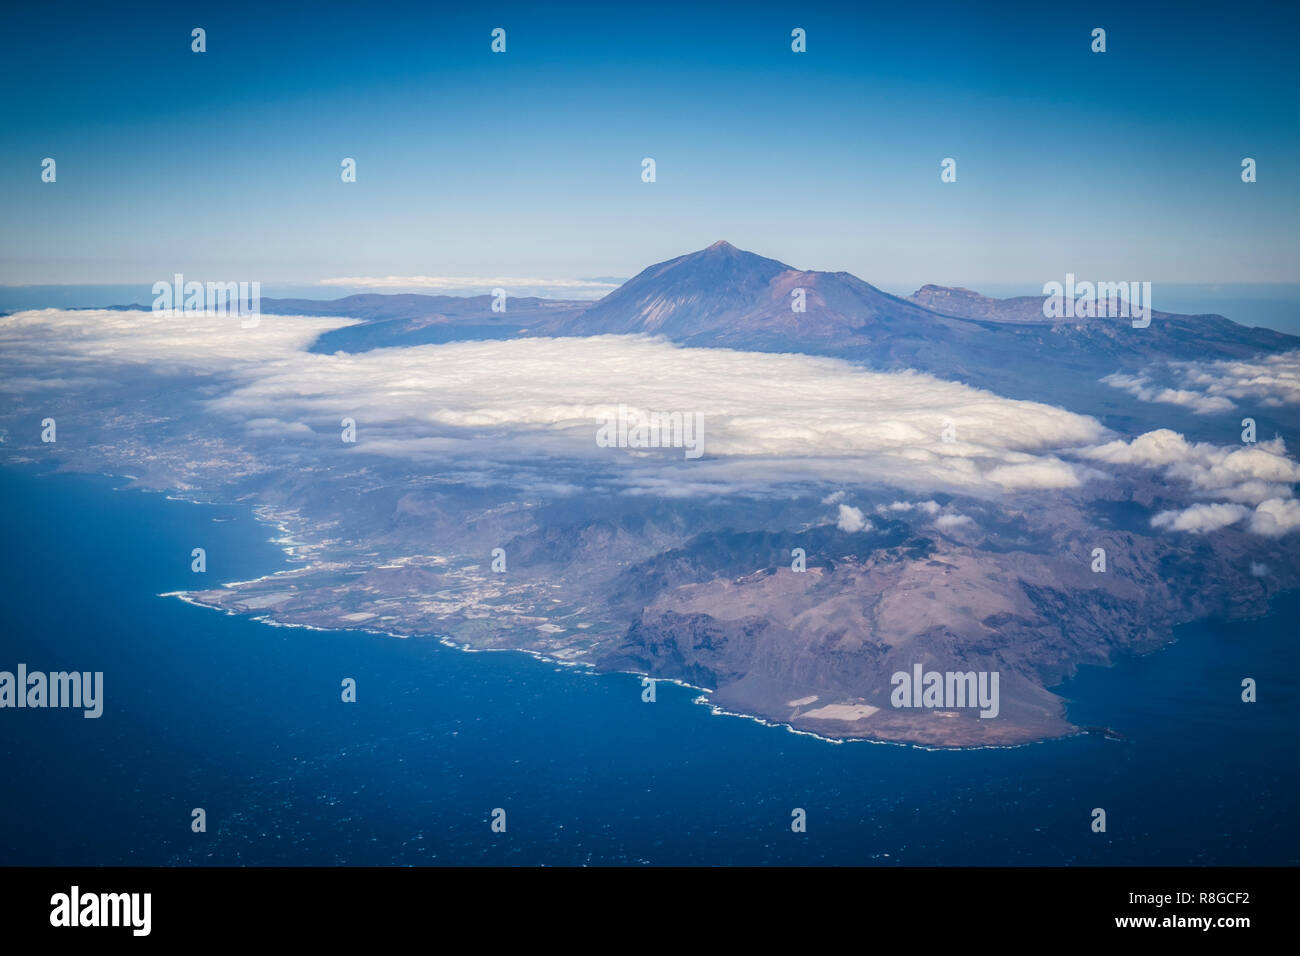 Luftaufnahme von Teneriffa, Spanien - Stock Image